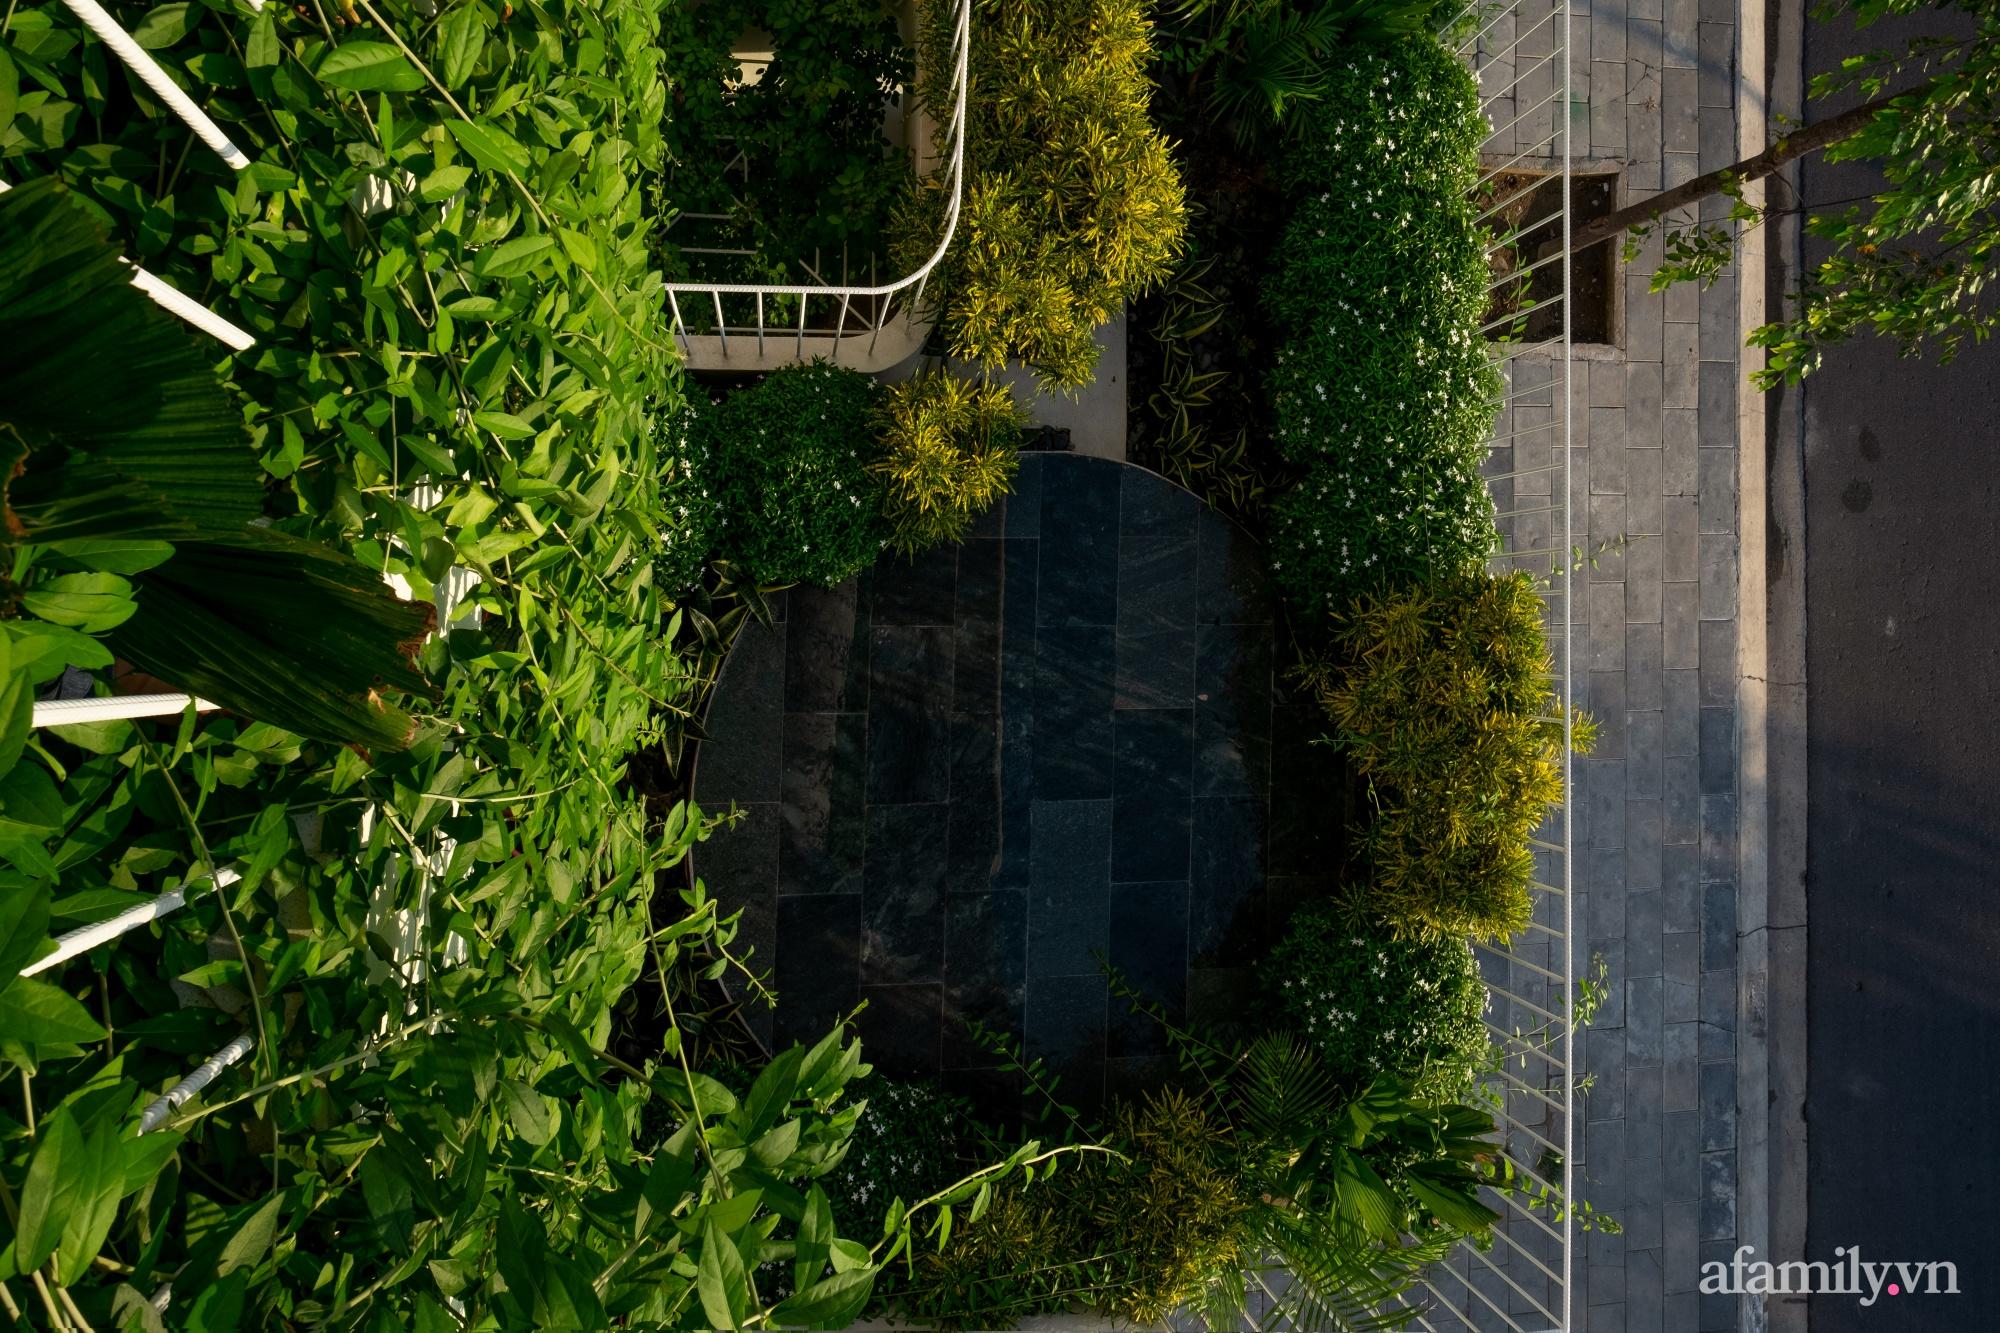 Nhà phố hướng Tây vẫn mát mẻ không cần điều hòa nhờ thiết kế gần gũi với thiên nhiên ở Nha Trang - Ảnh 14.